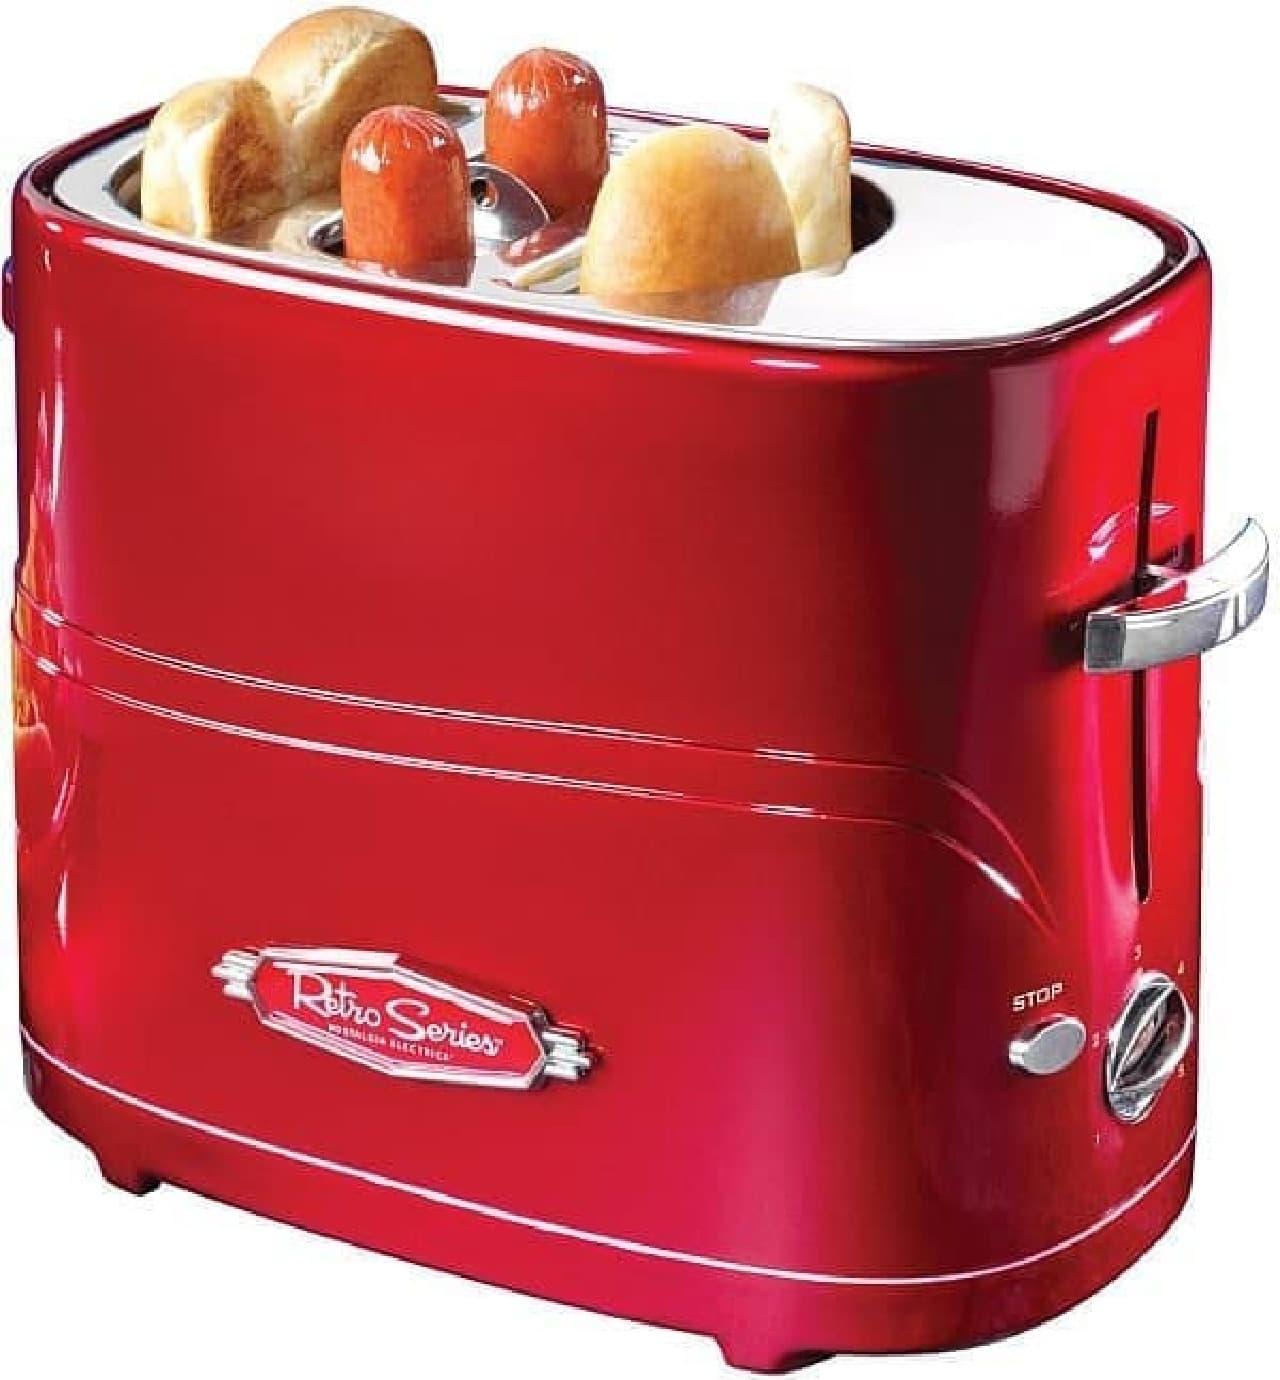 2012年1月に発売された「The Hot Dog Toaster」  ソーセージ2本とバンズ2つが同時に焼けます